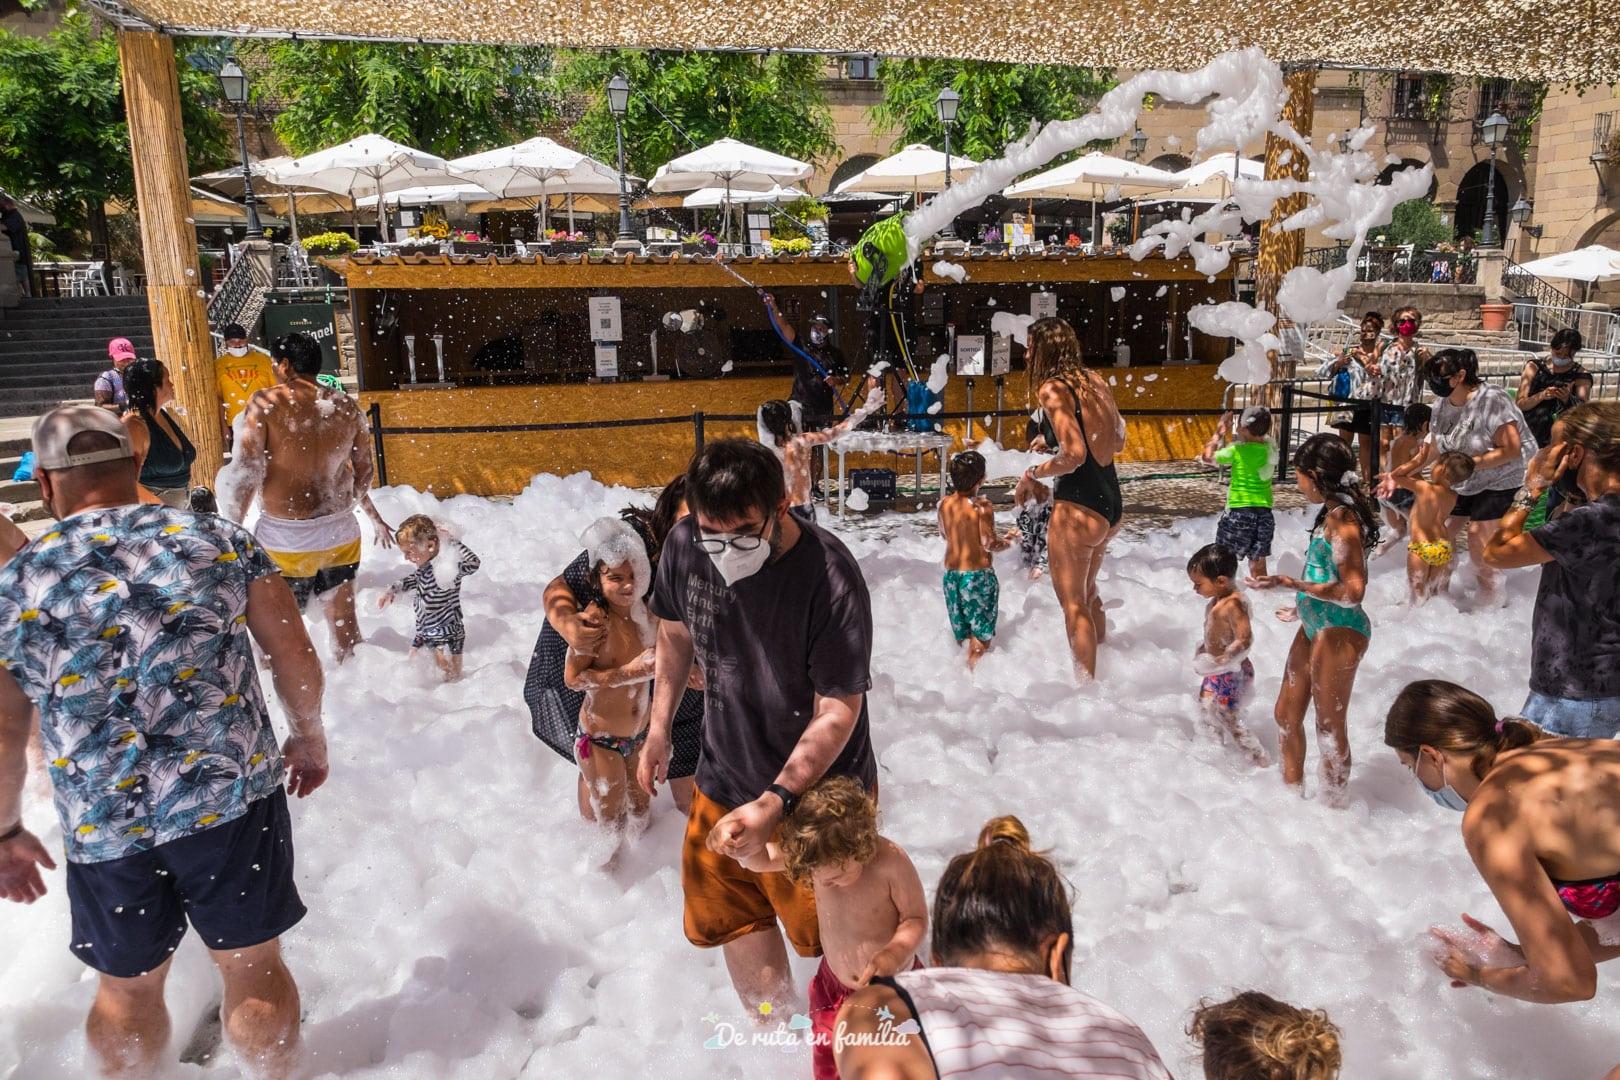 Splash. Festa de l'escuma al Poble Espanyol de Barcelona